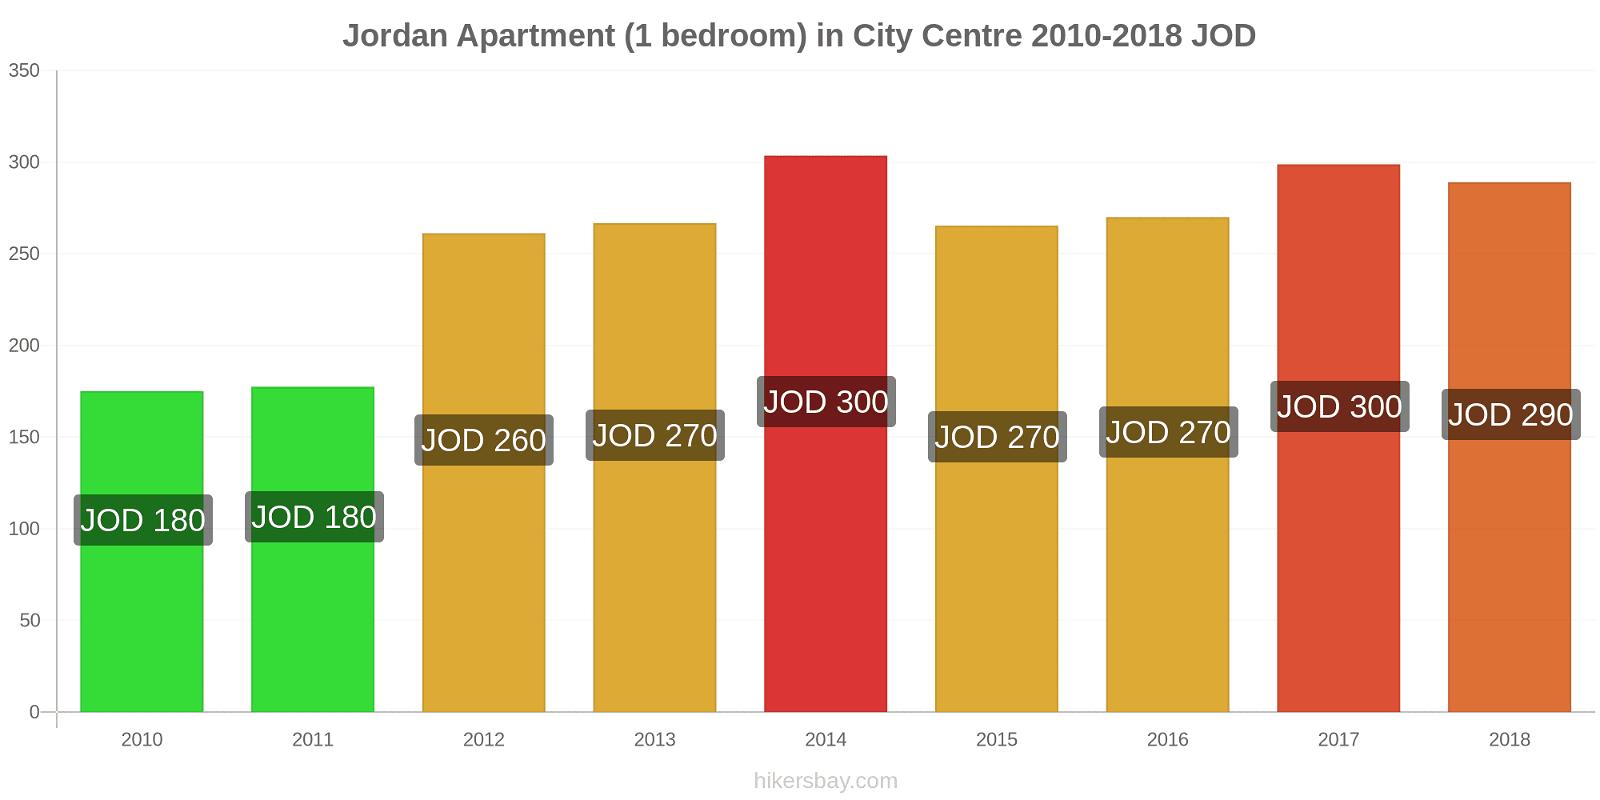 Jordan price changes Apartment (1 bedroom) in City Centre hikersbay.com